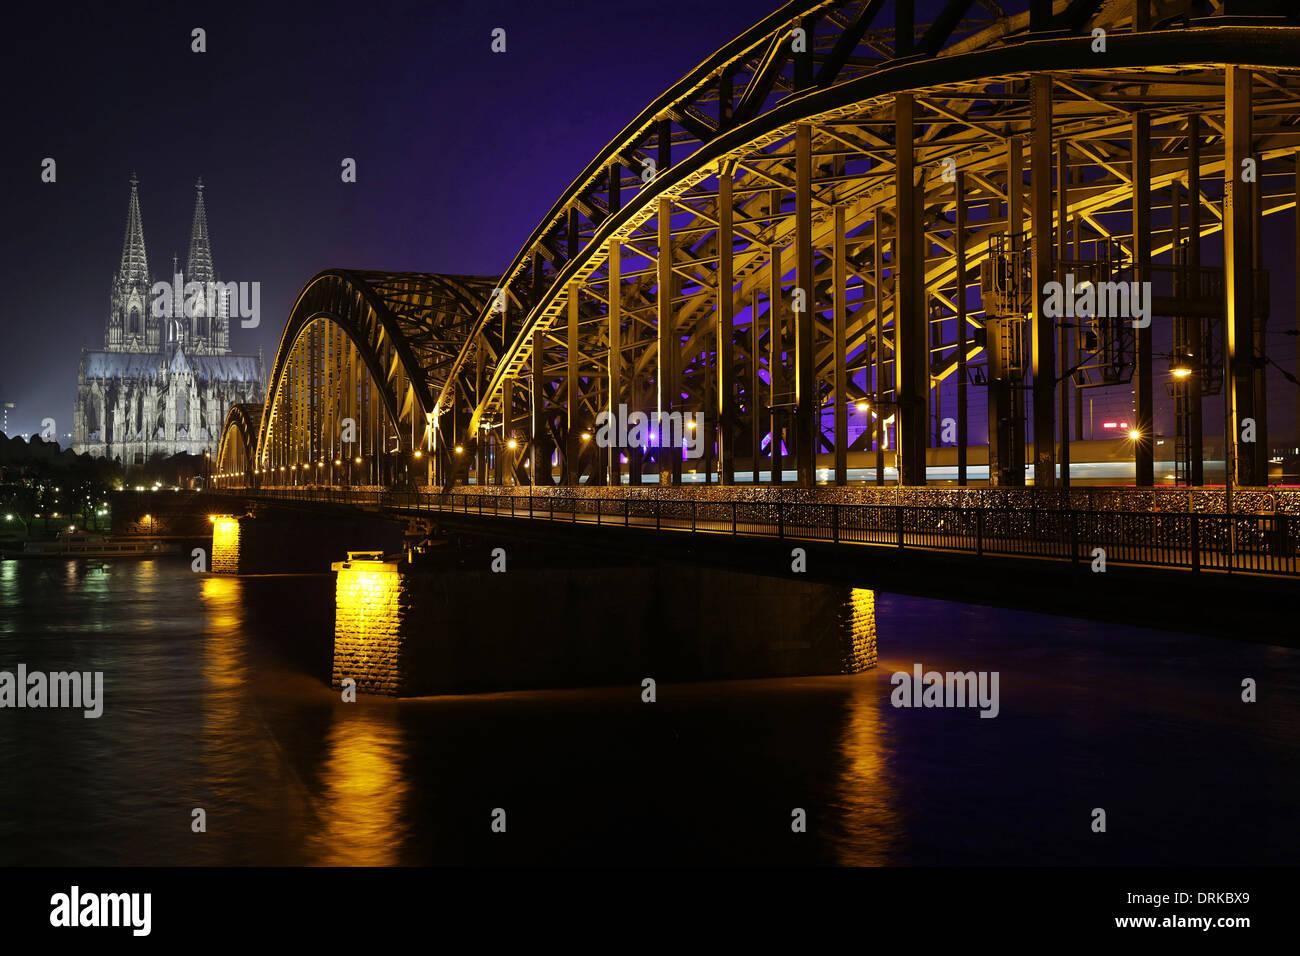 Deutschland Nordrhein Westfalen Koln Beleuchtet Kolner Dom Und Hohenzollernbrucke Nachts Stockfotografie Alamy